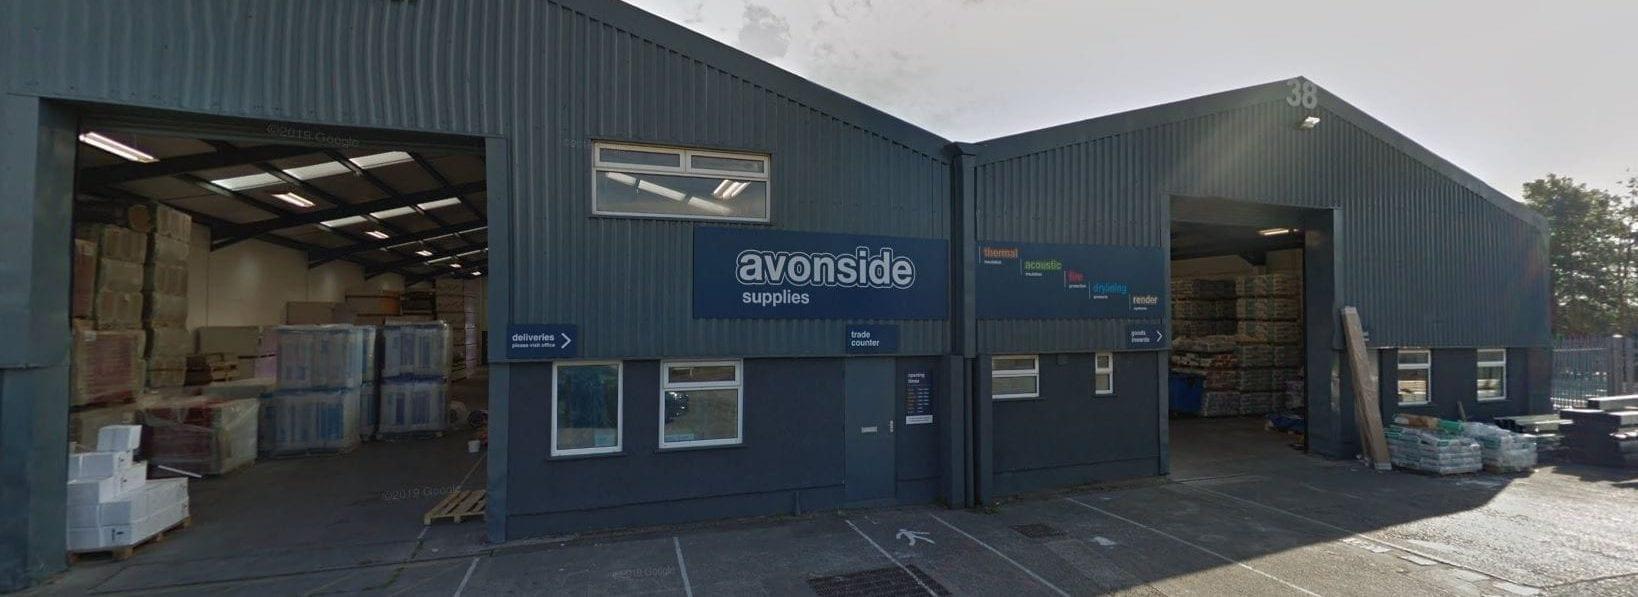 Swansea branch